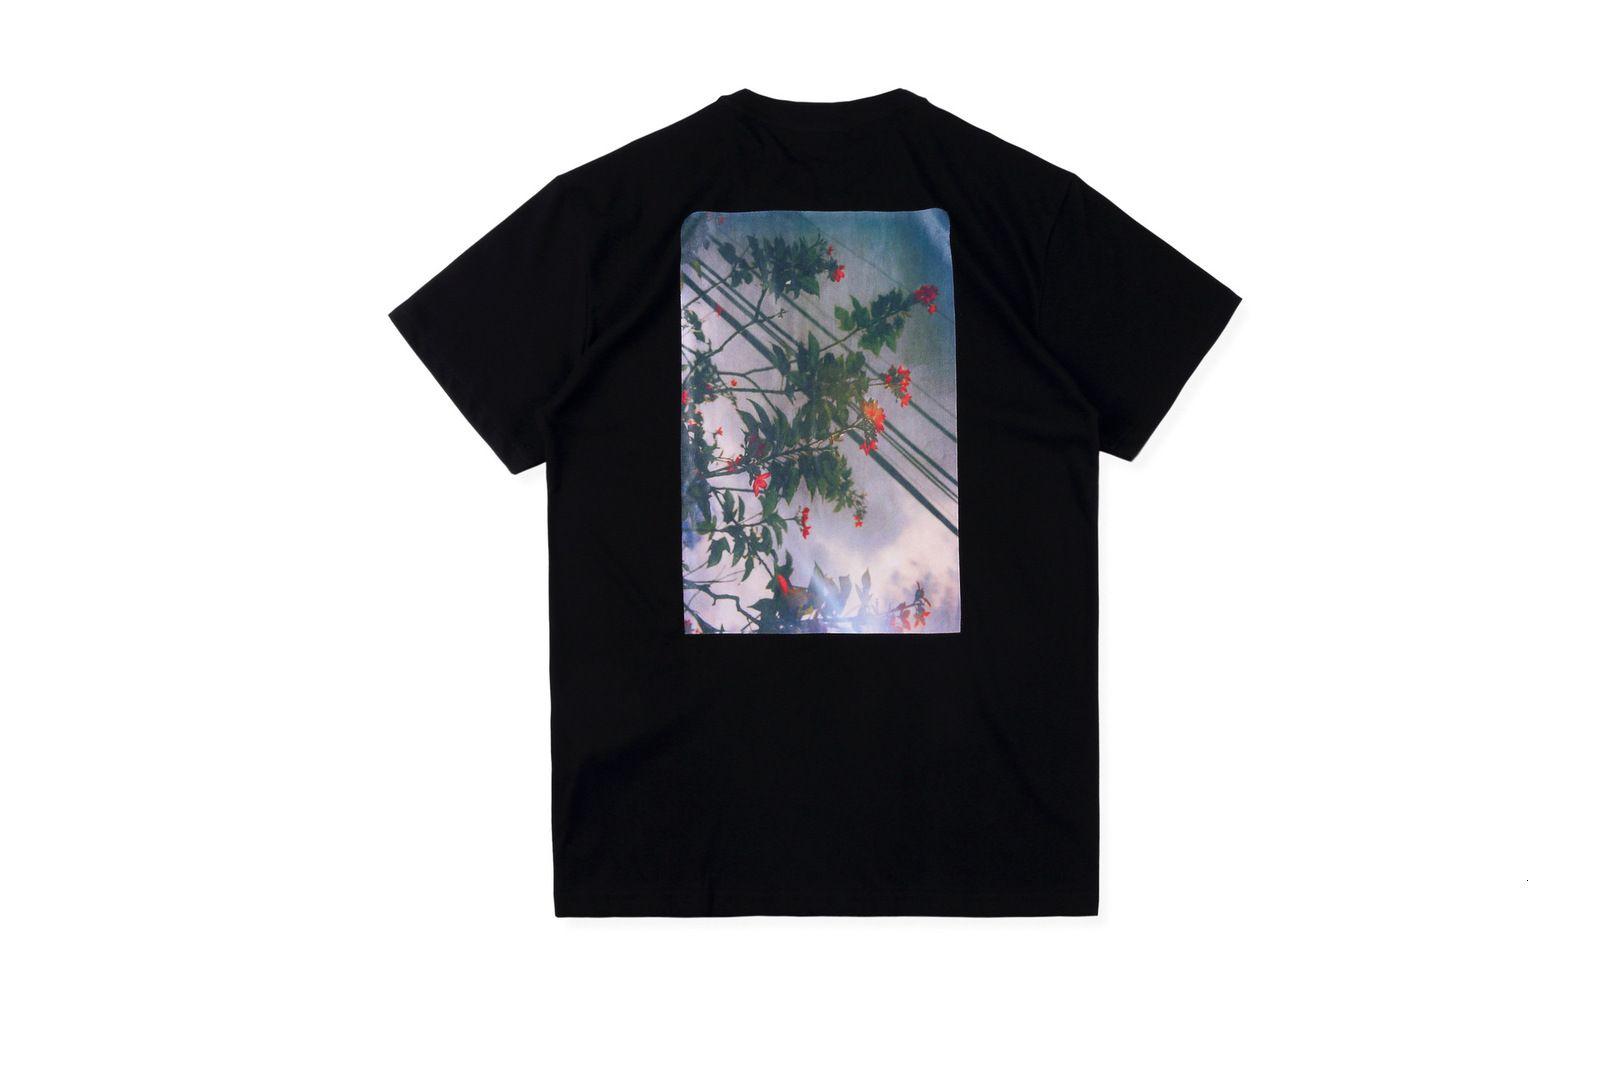 T-shirt à manches courtes à imprimé photo floral pour hommes et femmes